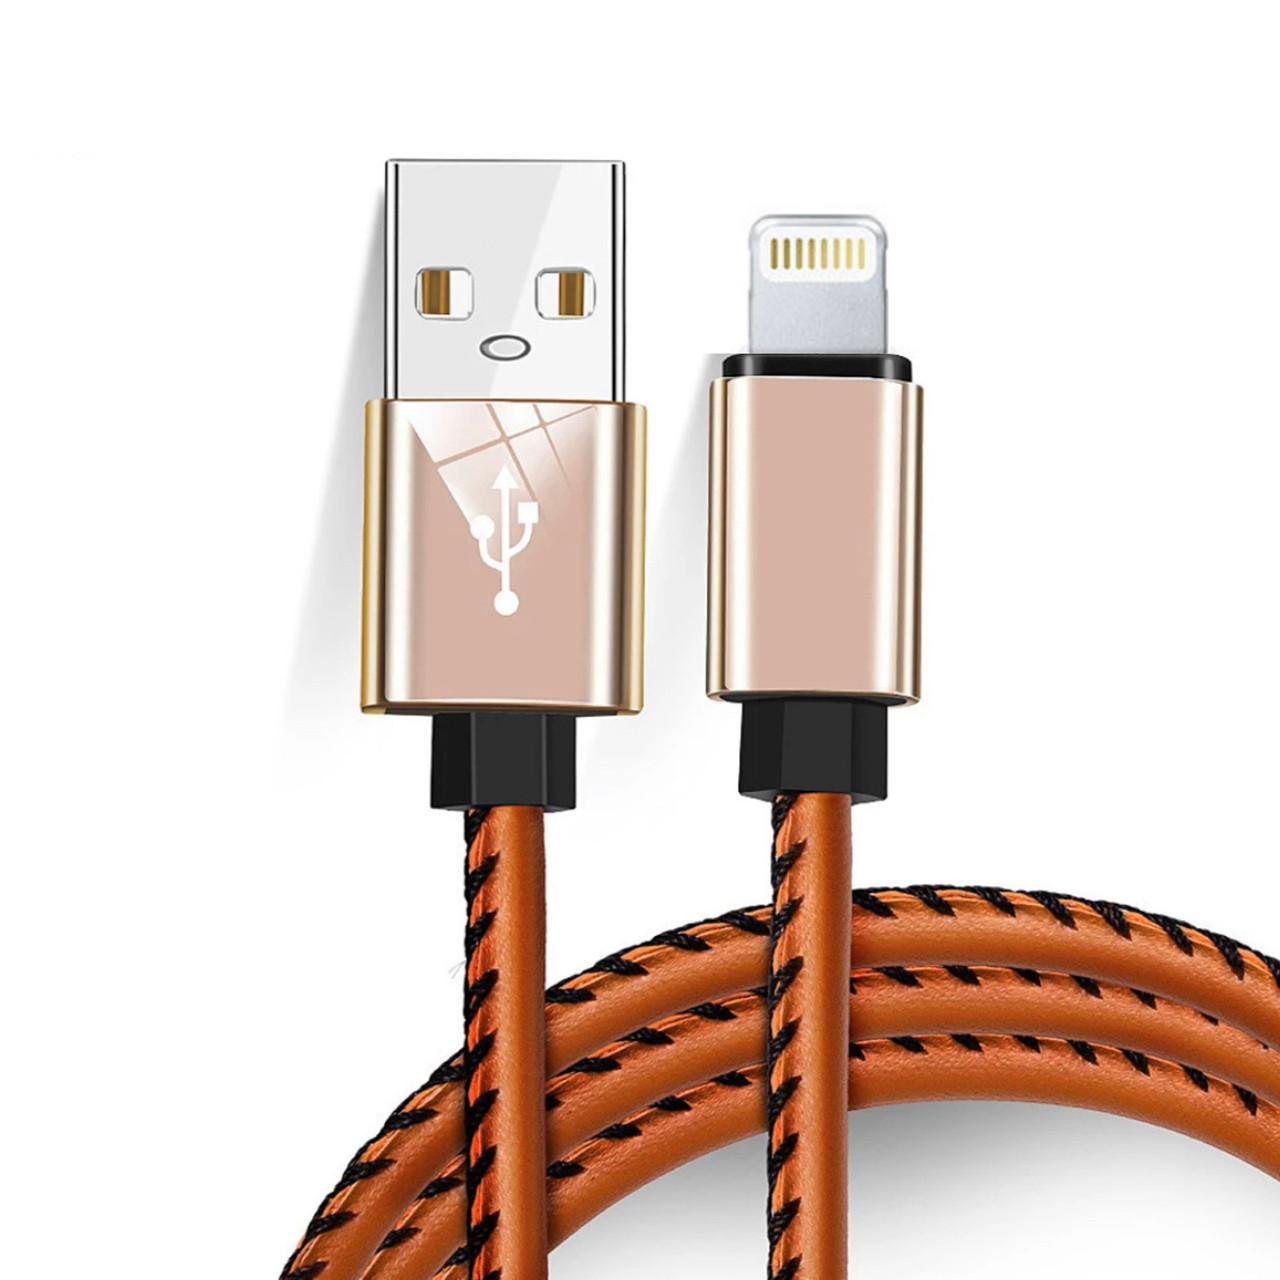 Кожаный Usb кабель iPhone Ligtning 2.0 A для быстрой зарядки и передачи данных 1 м (коричневый)